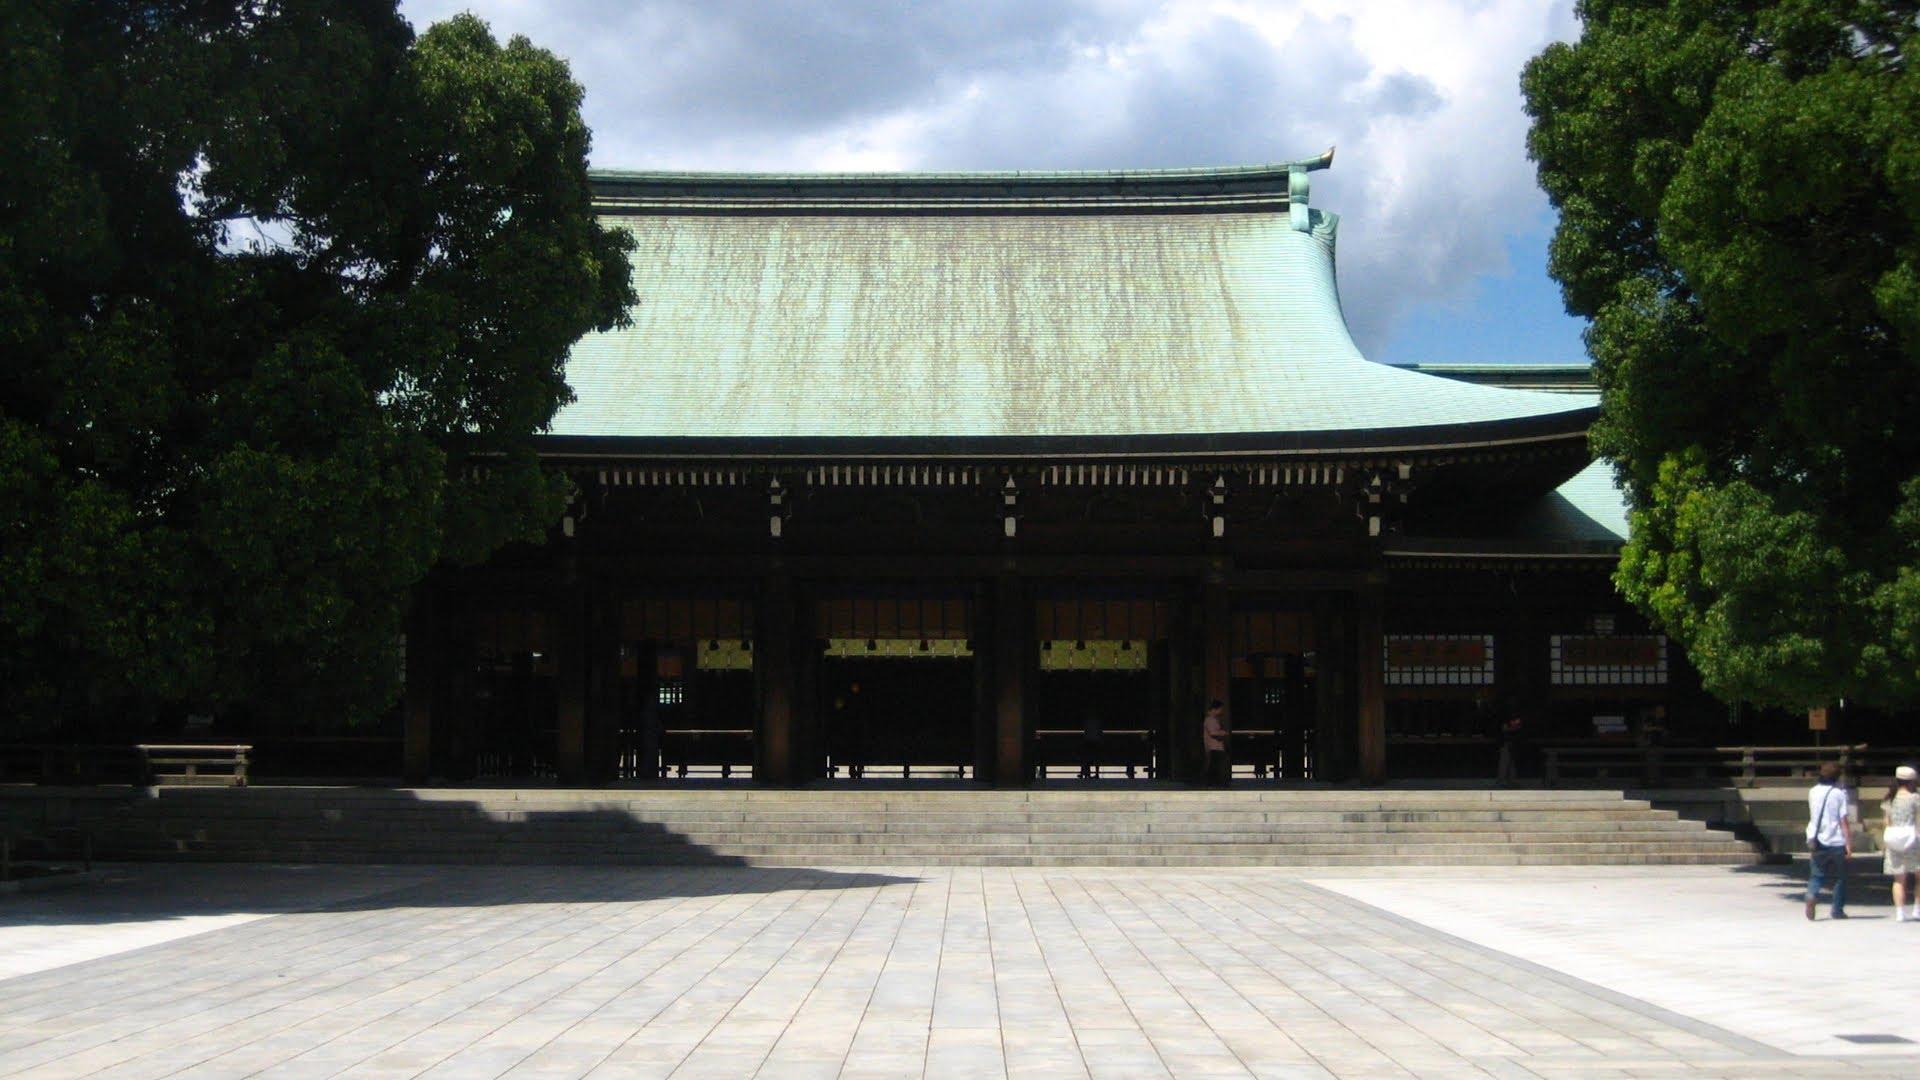 「探索日本--認識明治神宮」- Visiting the Meiji Jingu | Tokyo Travel